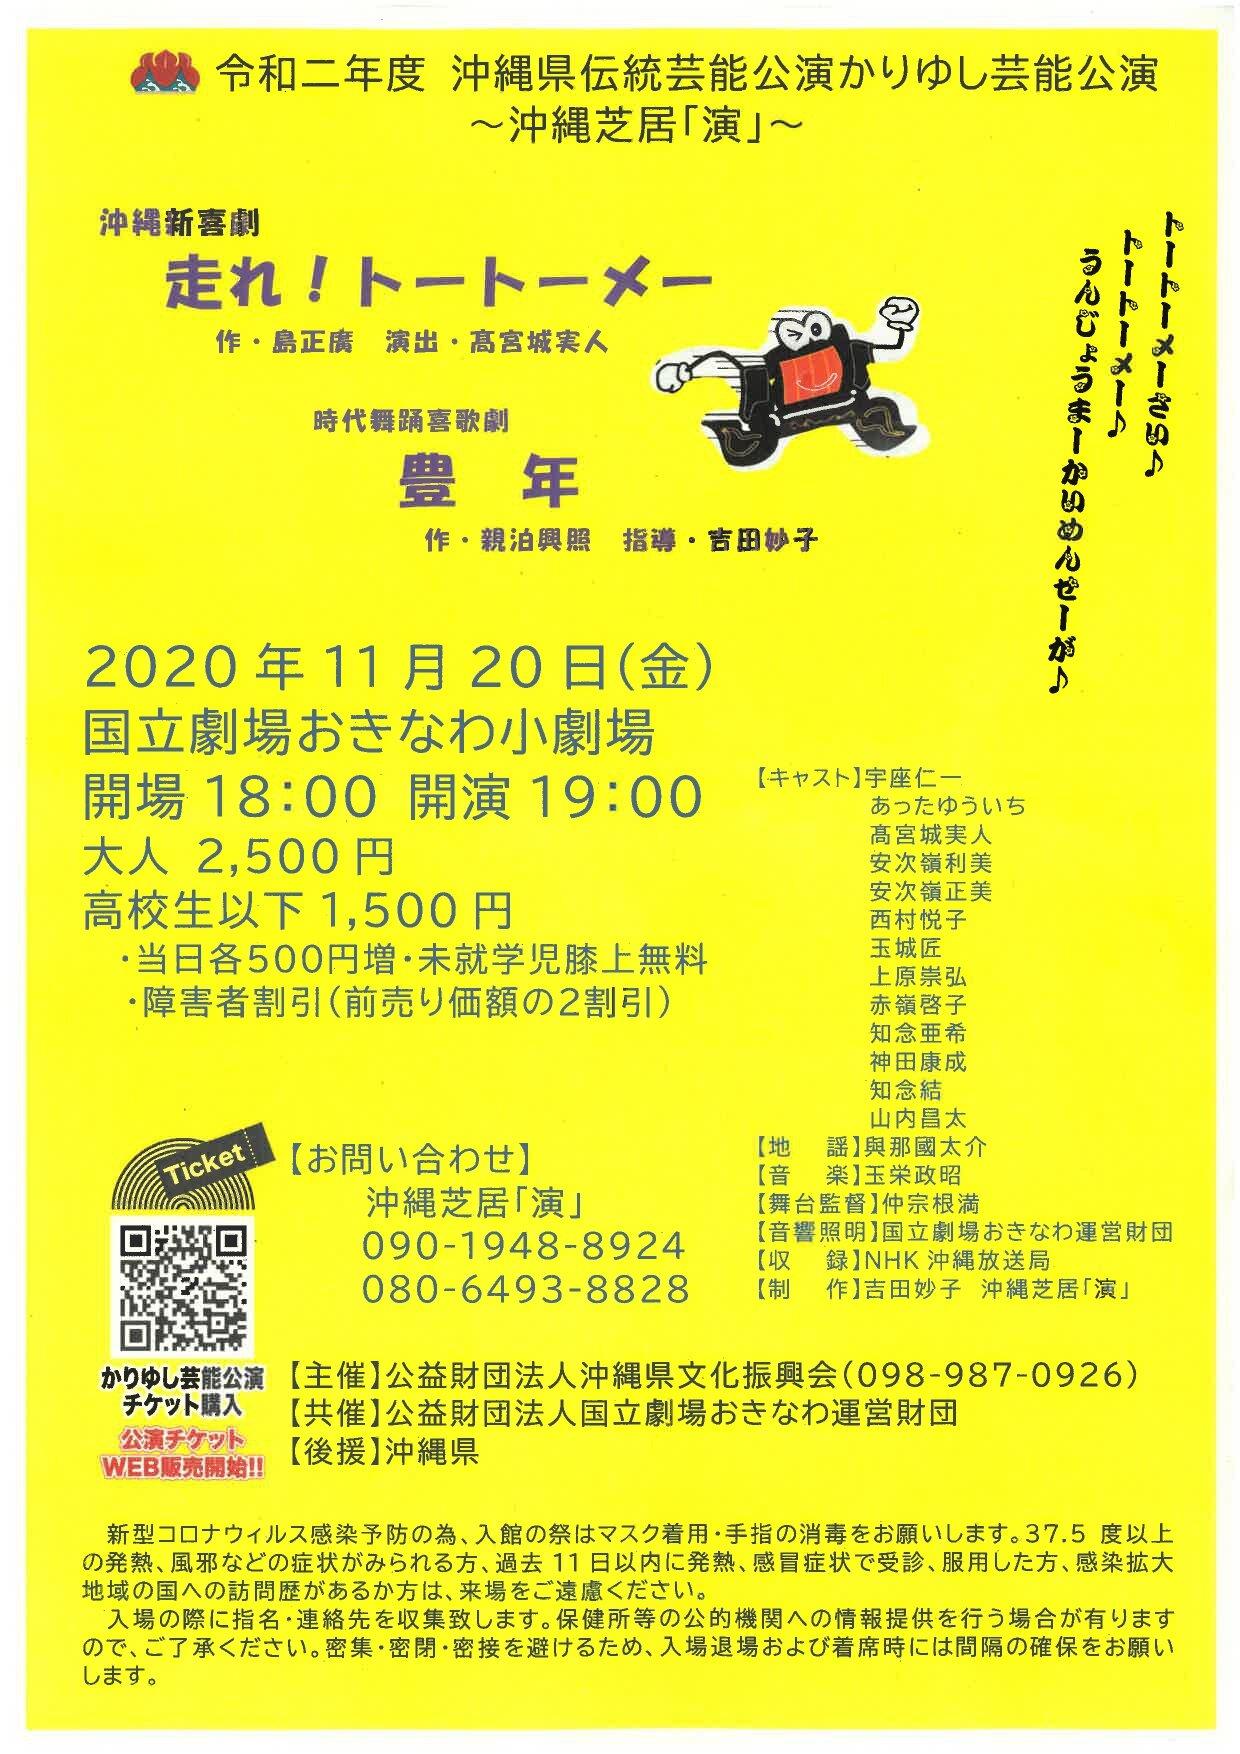 沖縄新喜劇『走れ!トートーメー』